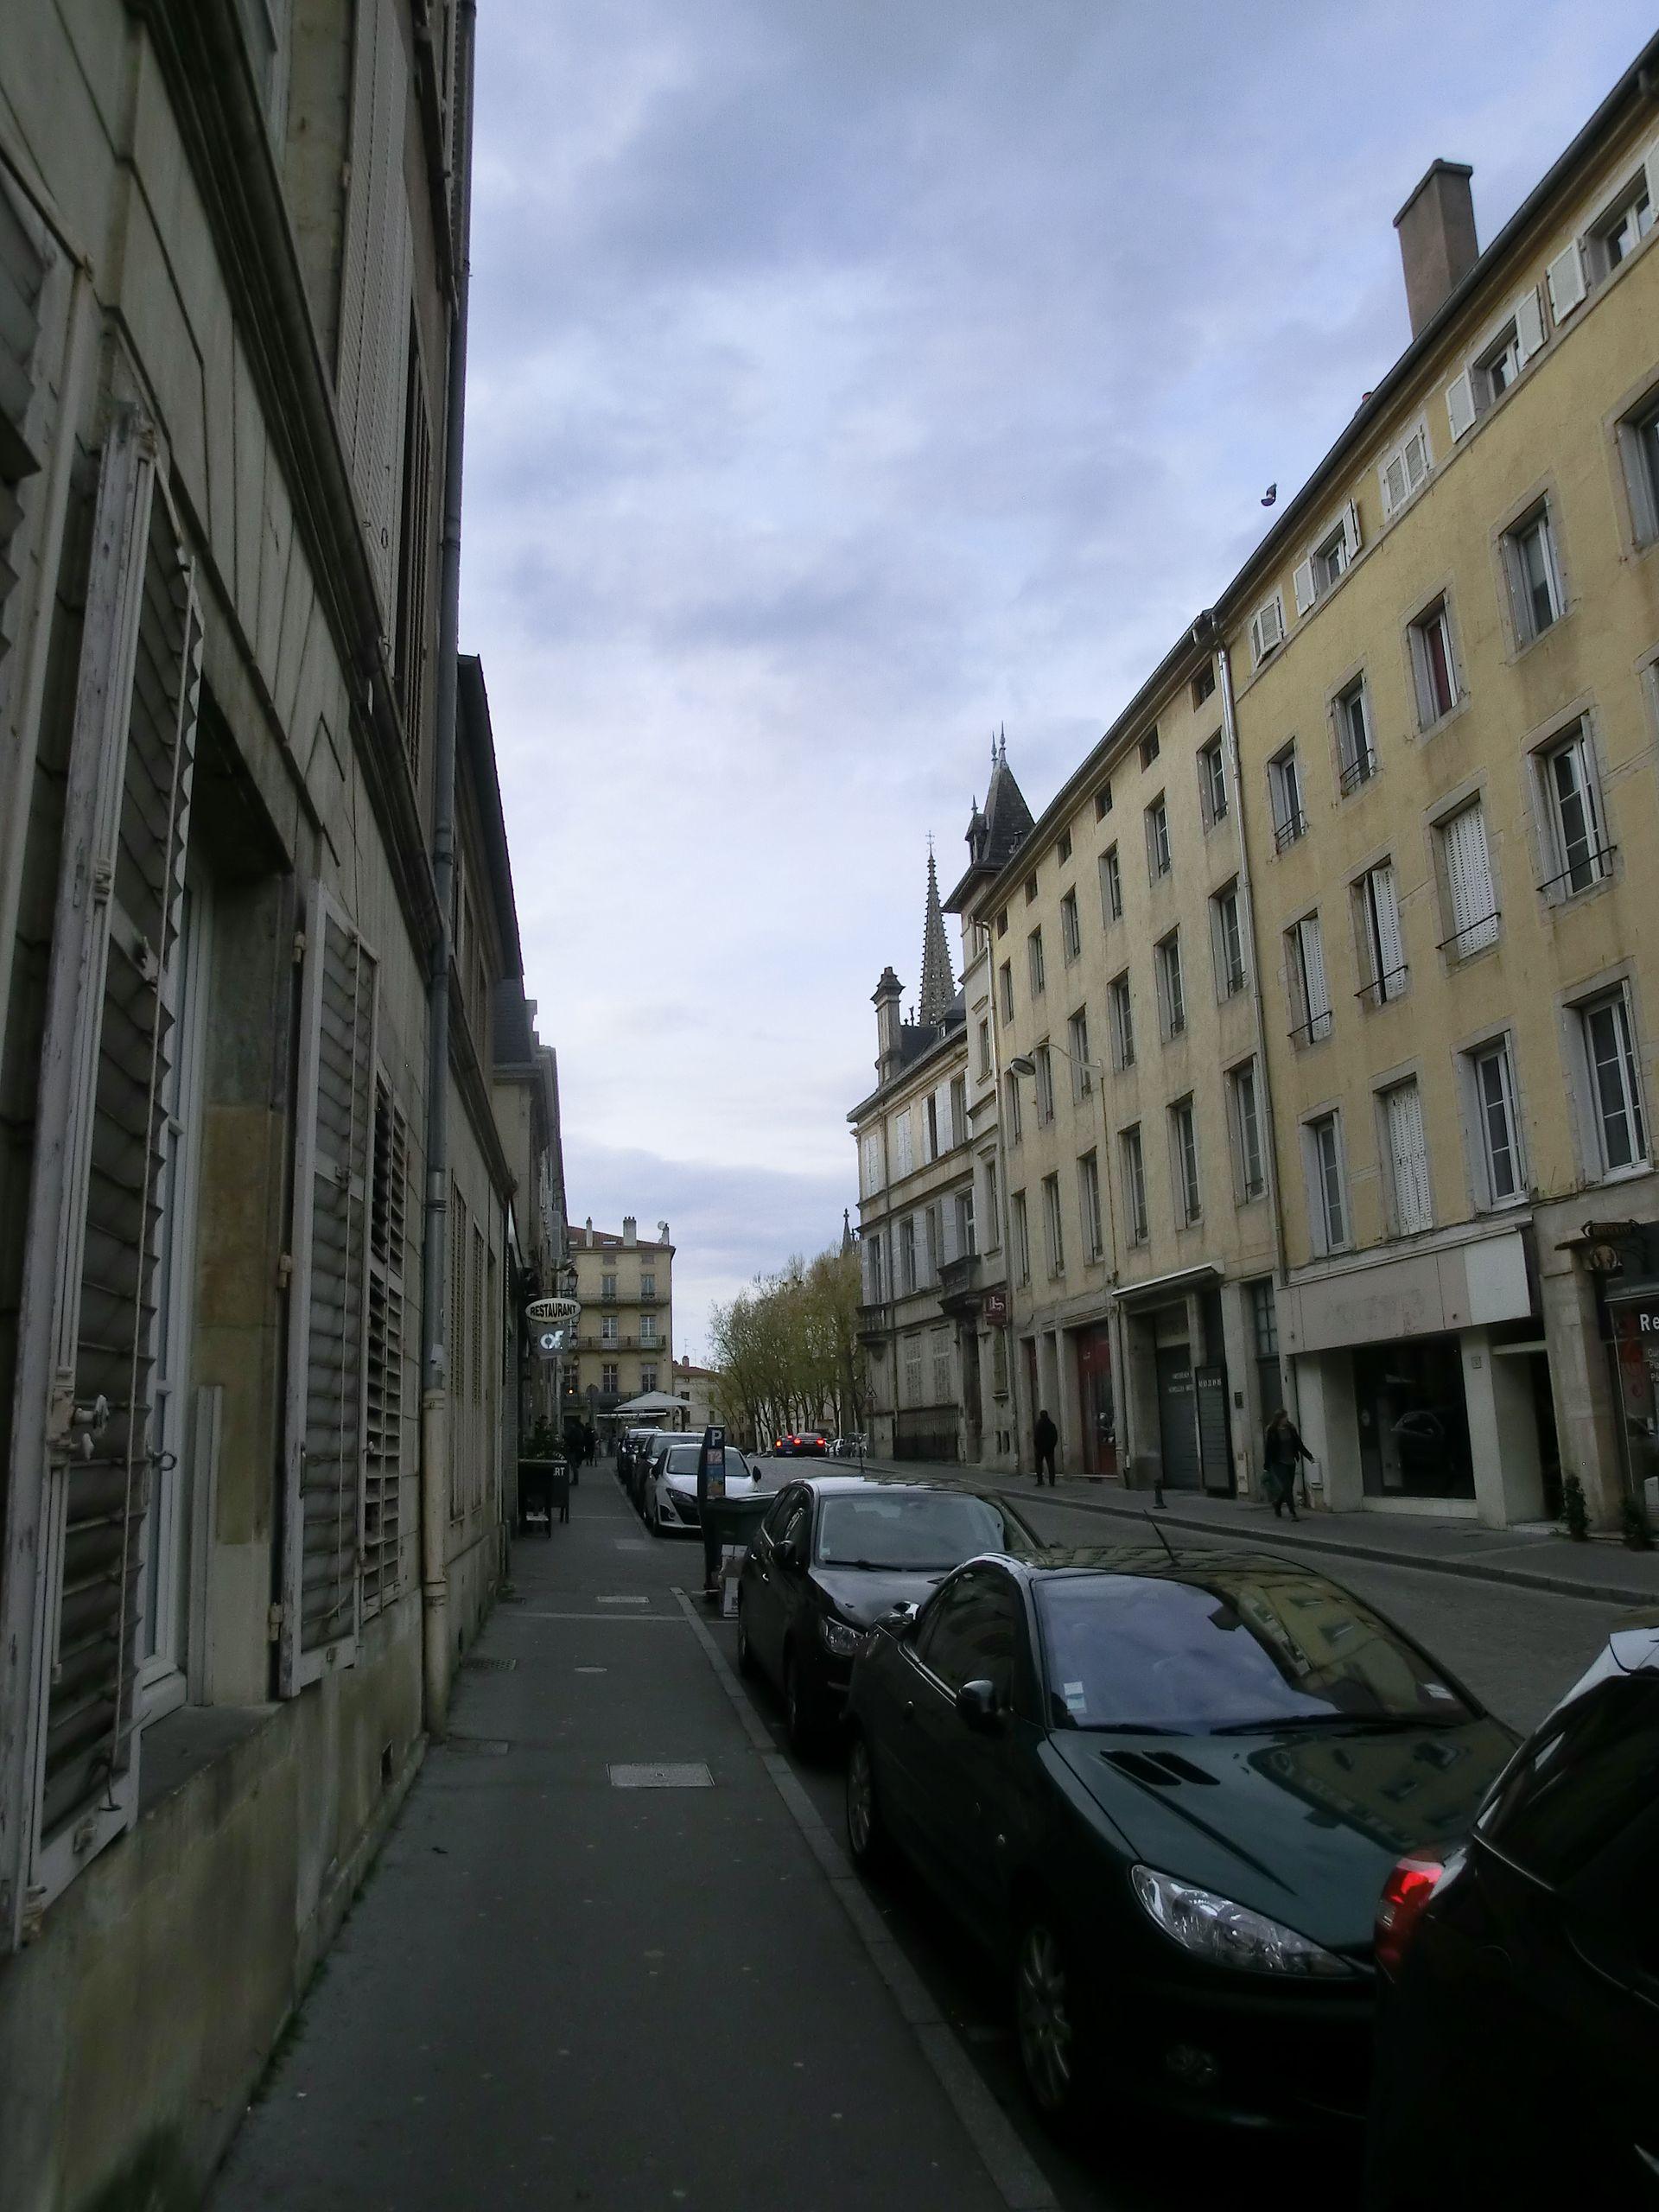 Rue la fayette nancy wikip dia for Rue catherine opalinska nancy